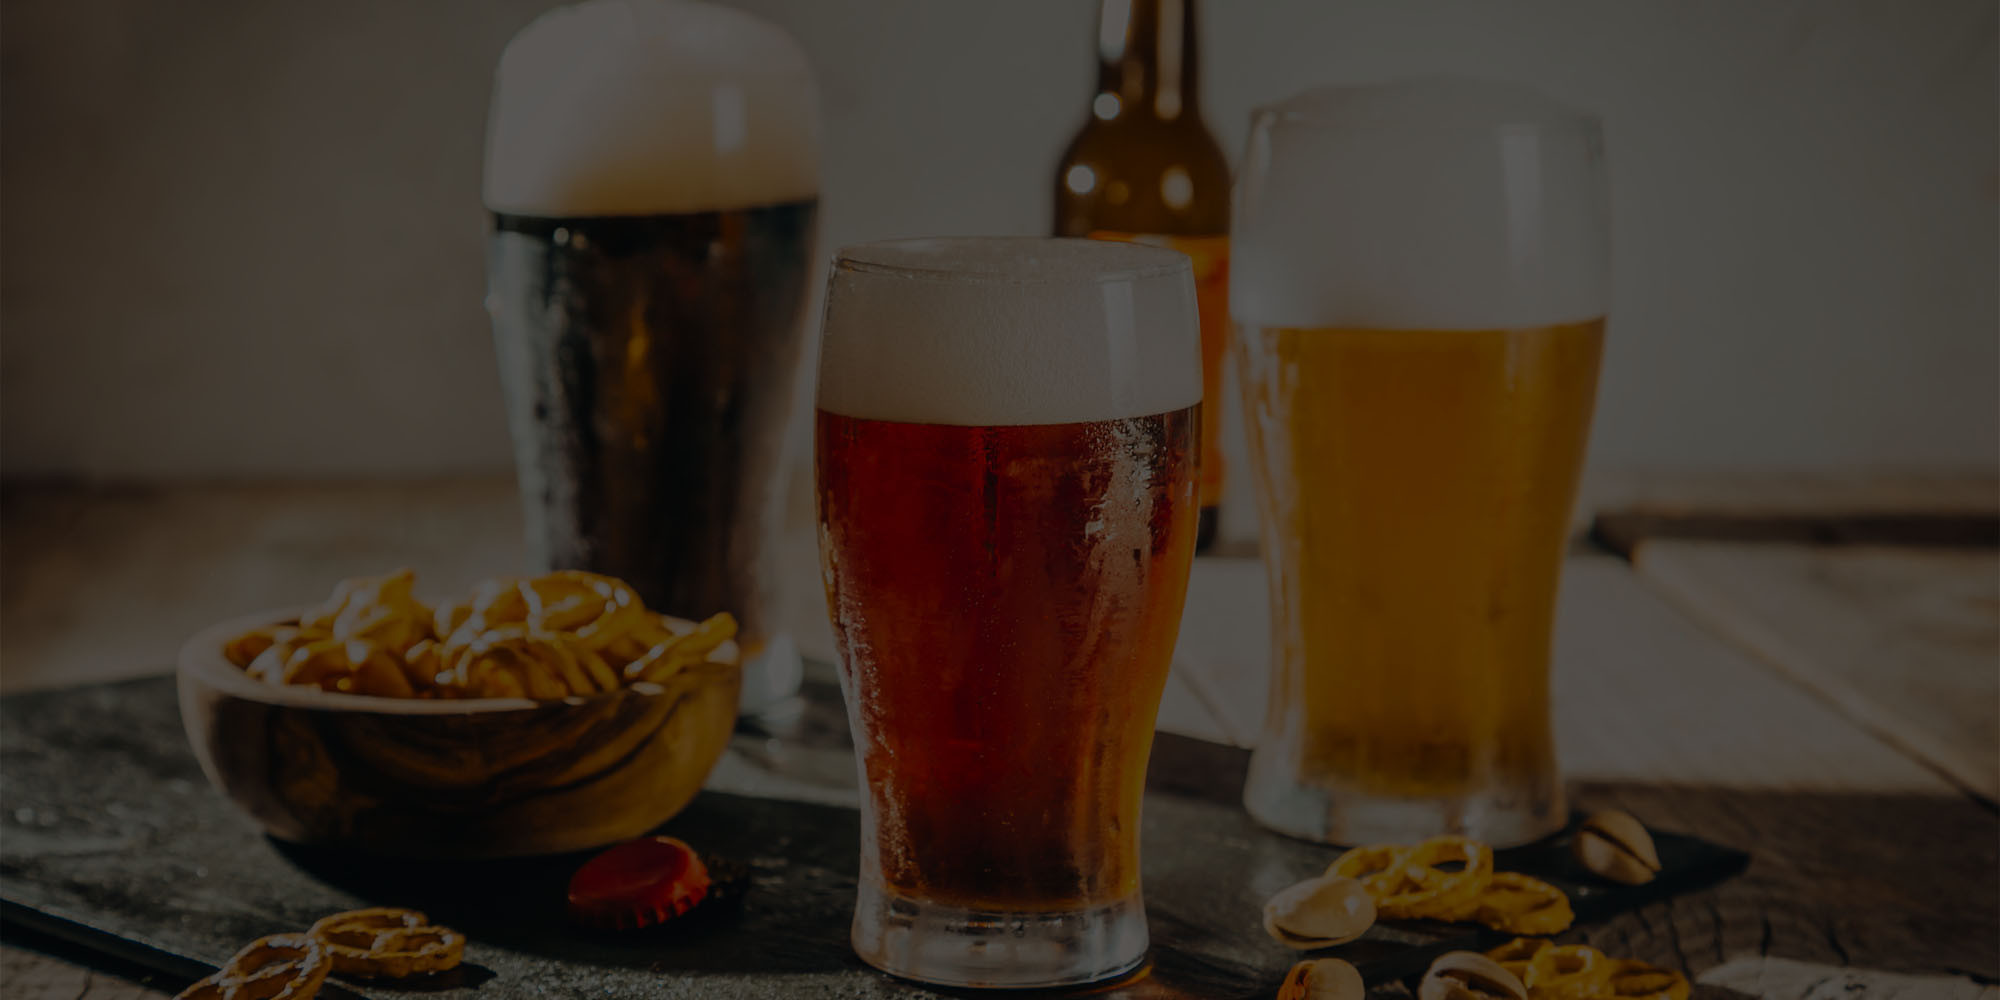 La migliore birra ogni mese a portata di mano